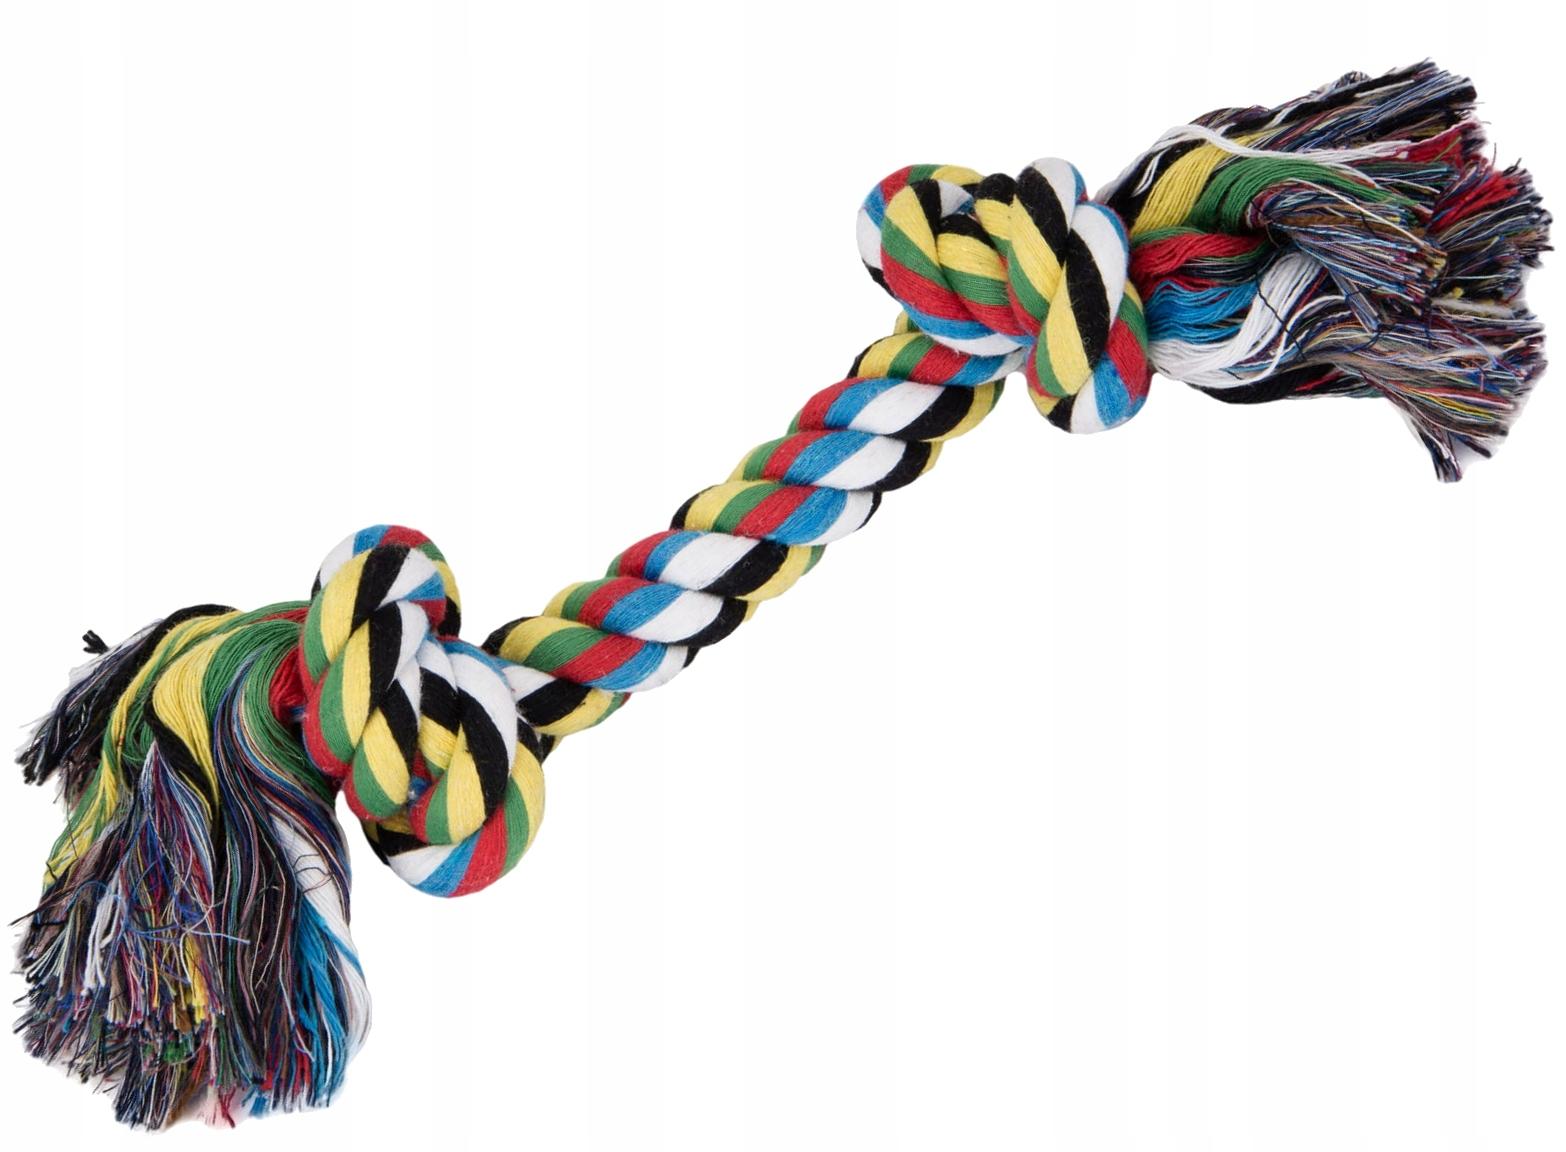 Прорезыватель для собак, веревка с 2 узлами, средний размер 33 см.